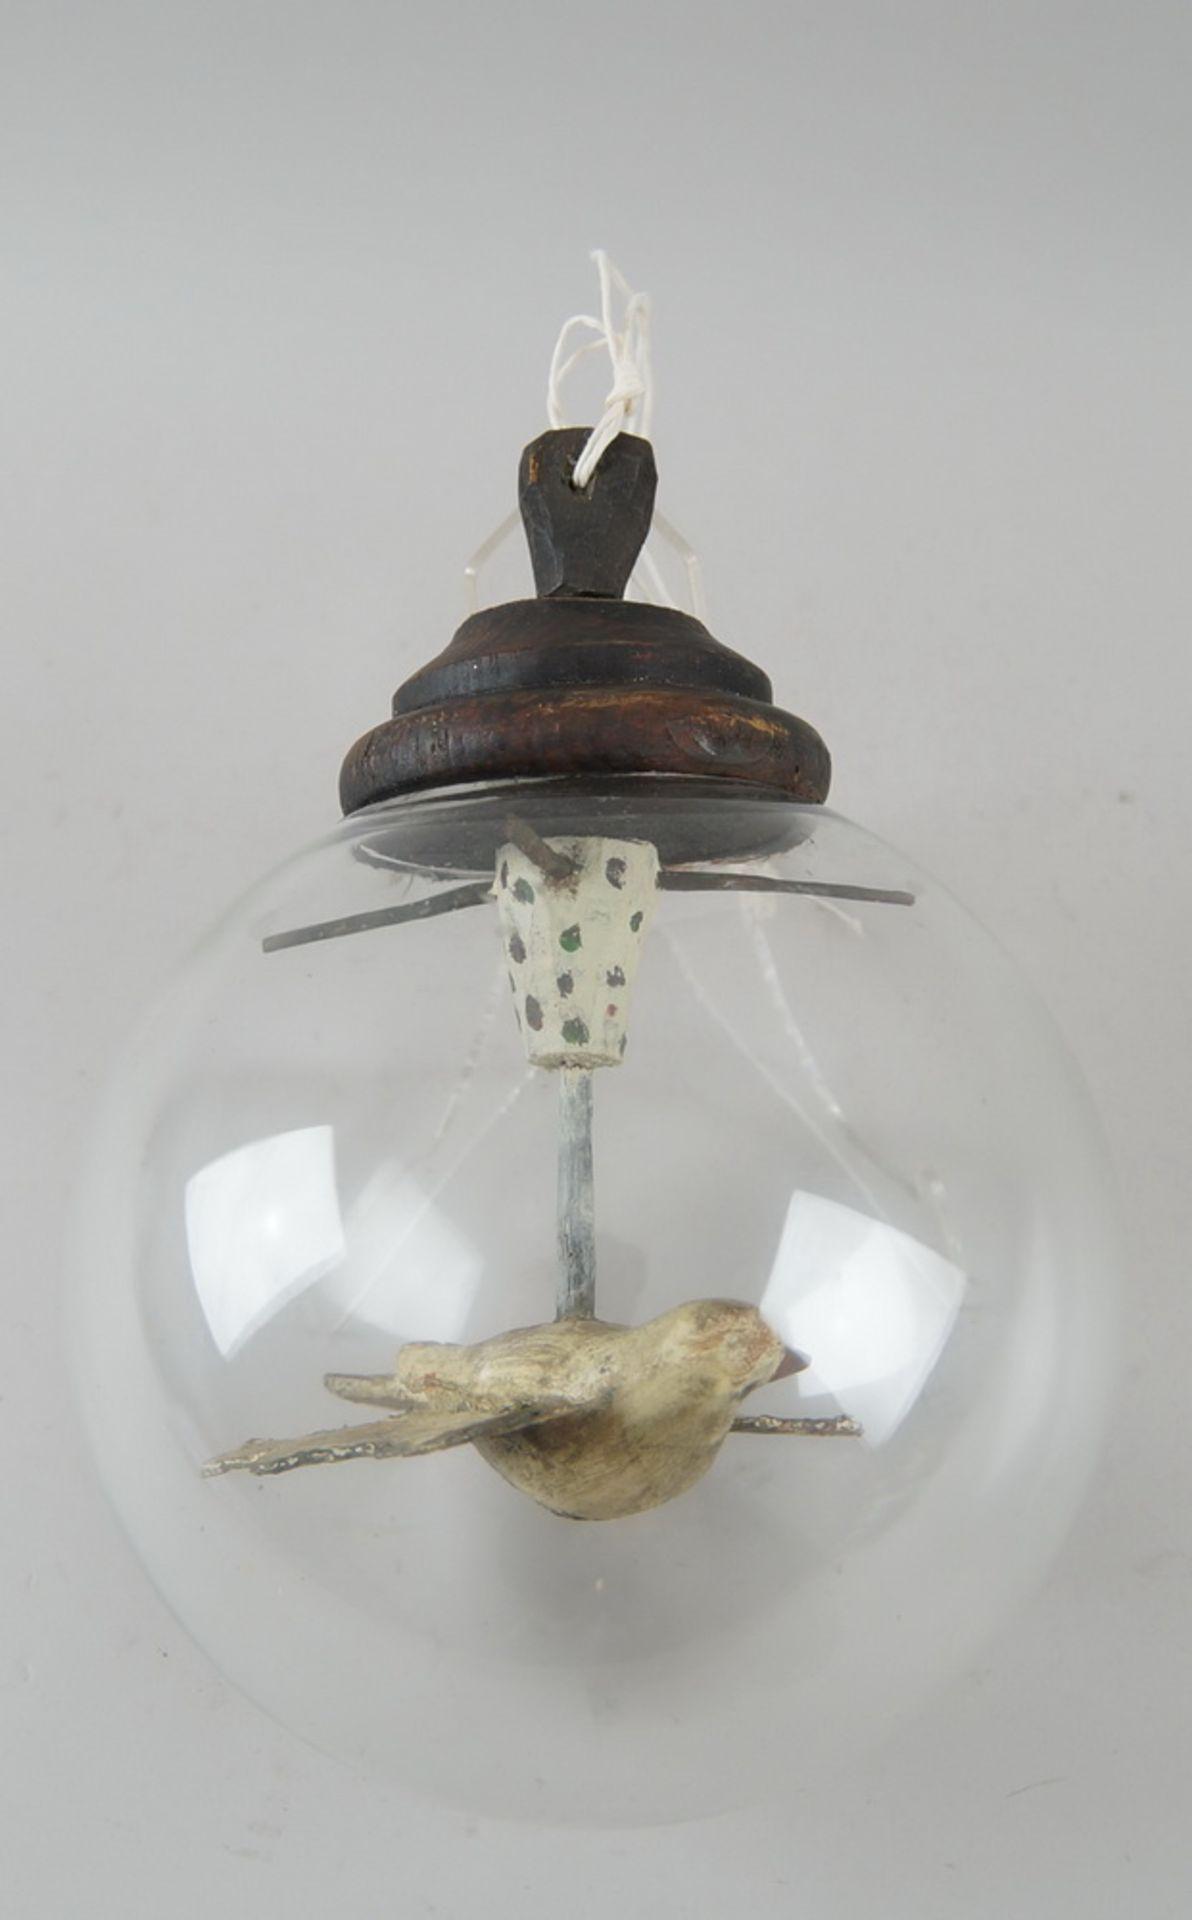 Los 6 - Suppenbrunzer, Heiliggeisttaube in Glaskugel, Holz geschnitzt und gefasst, Durchmesser17cm, H 23cm